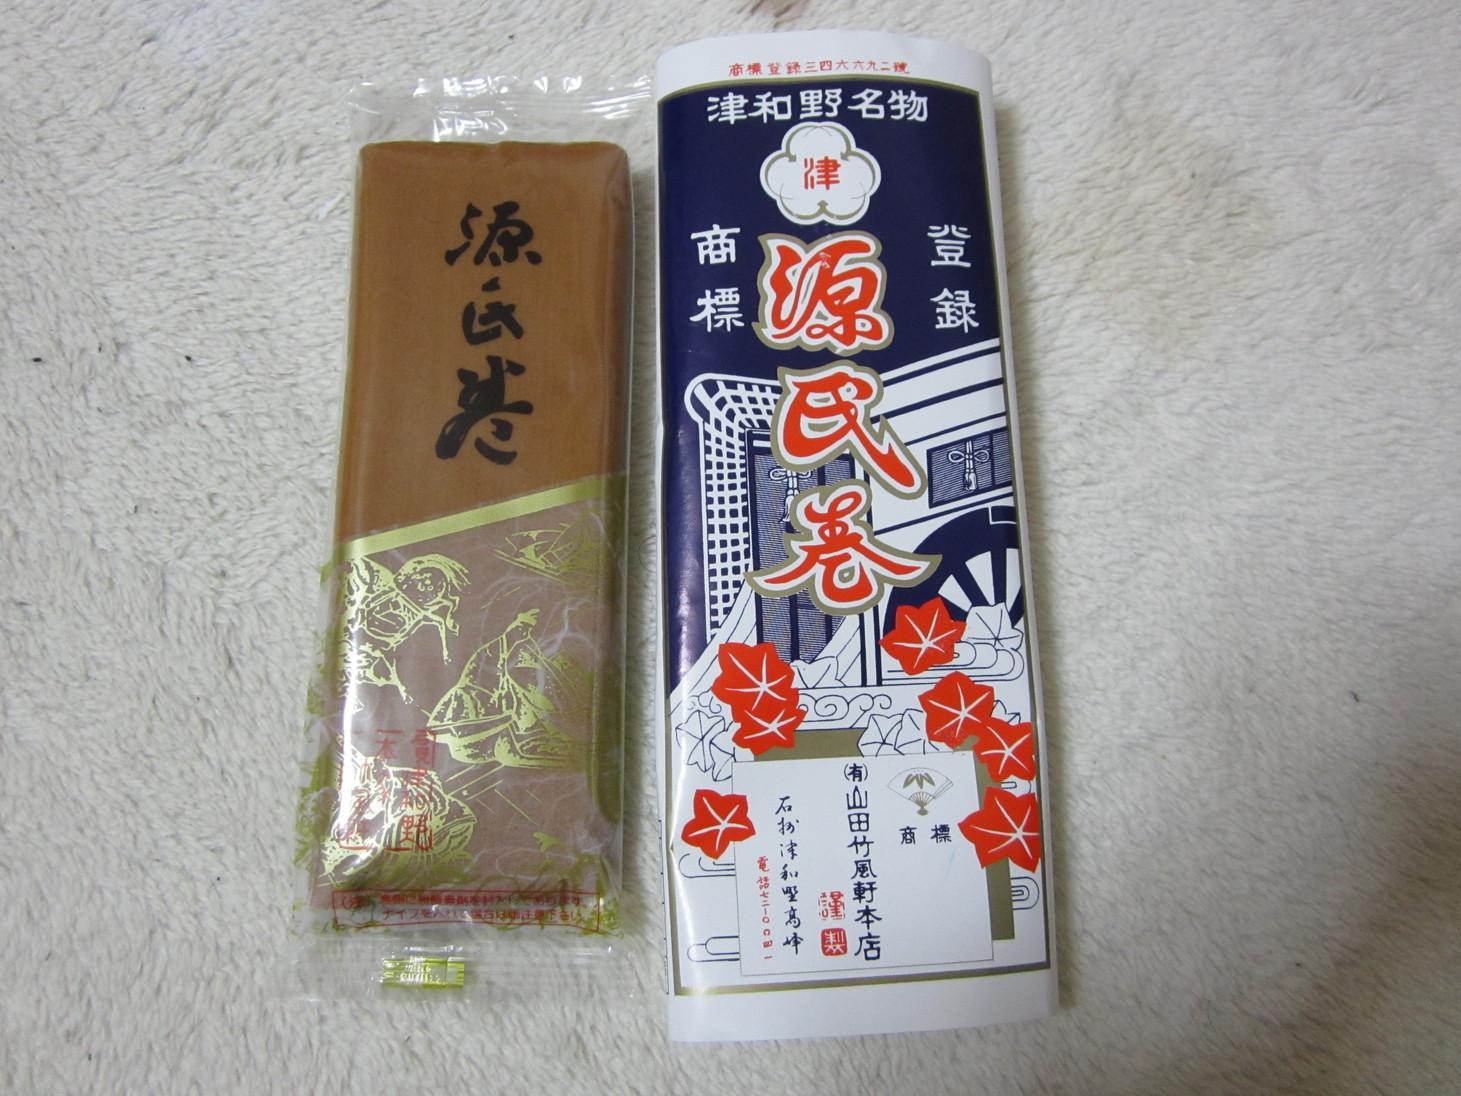 山田竹風軒本店 絢店